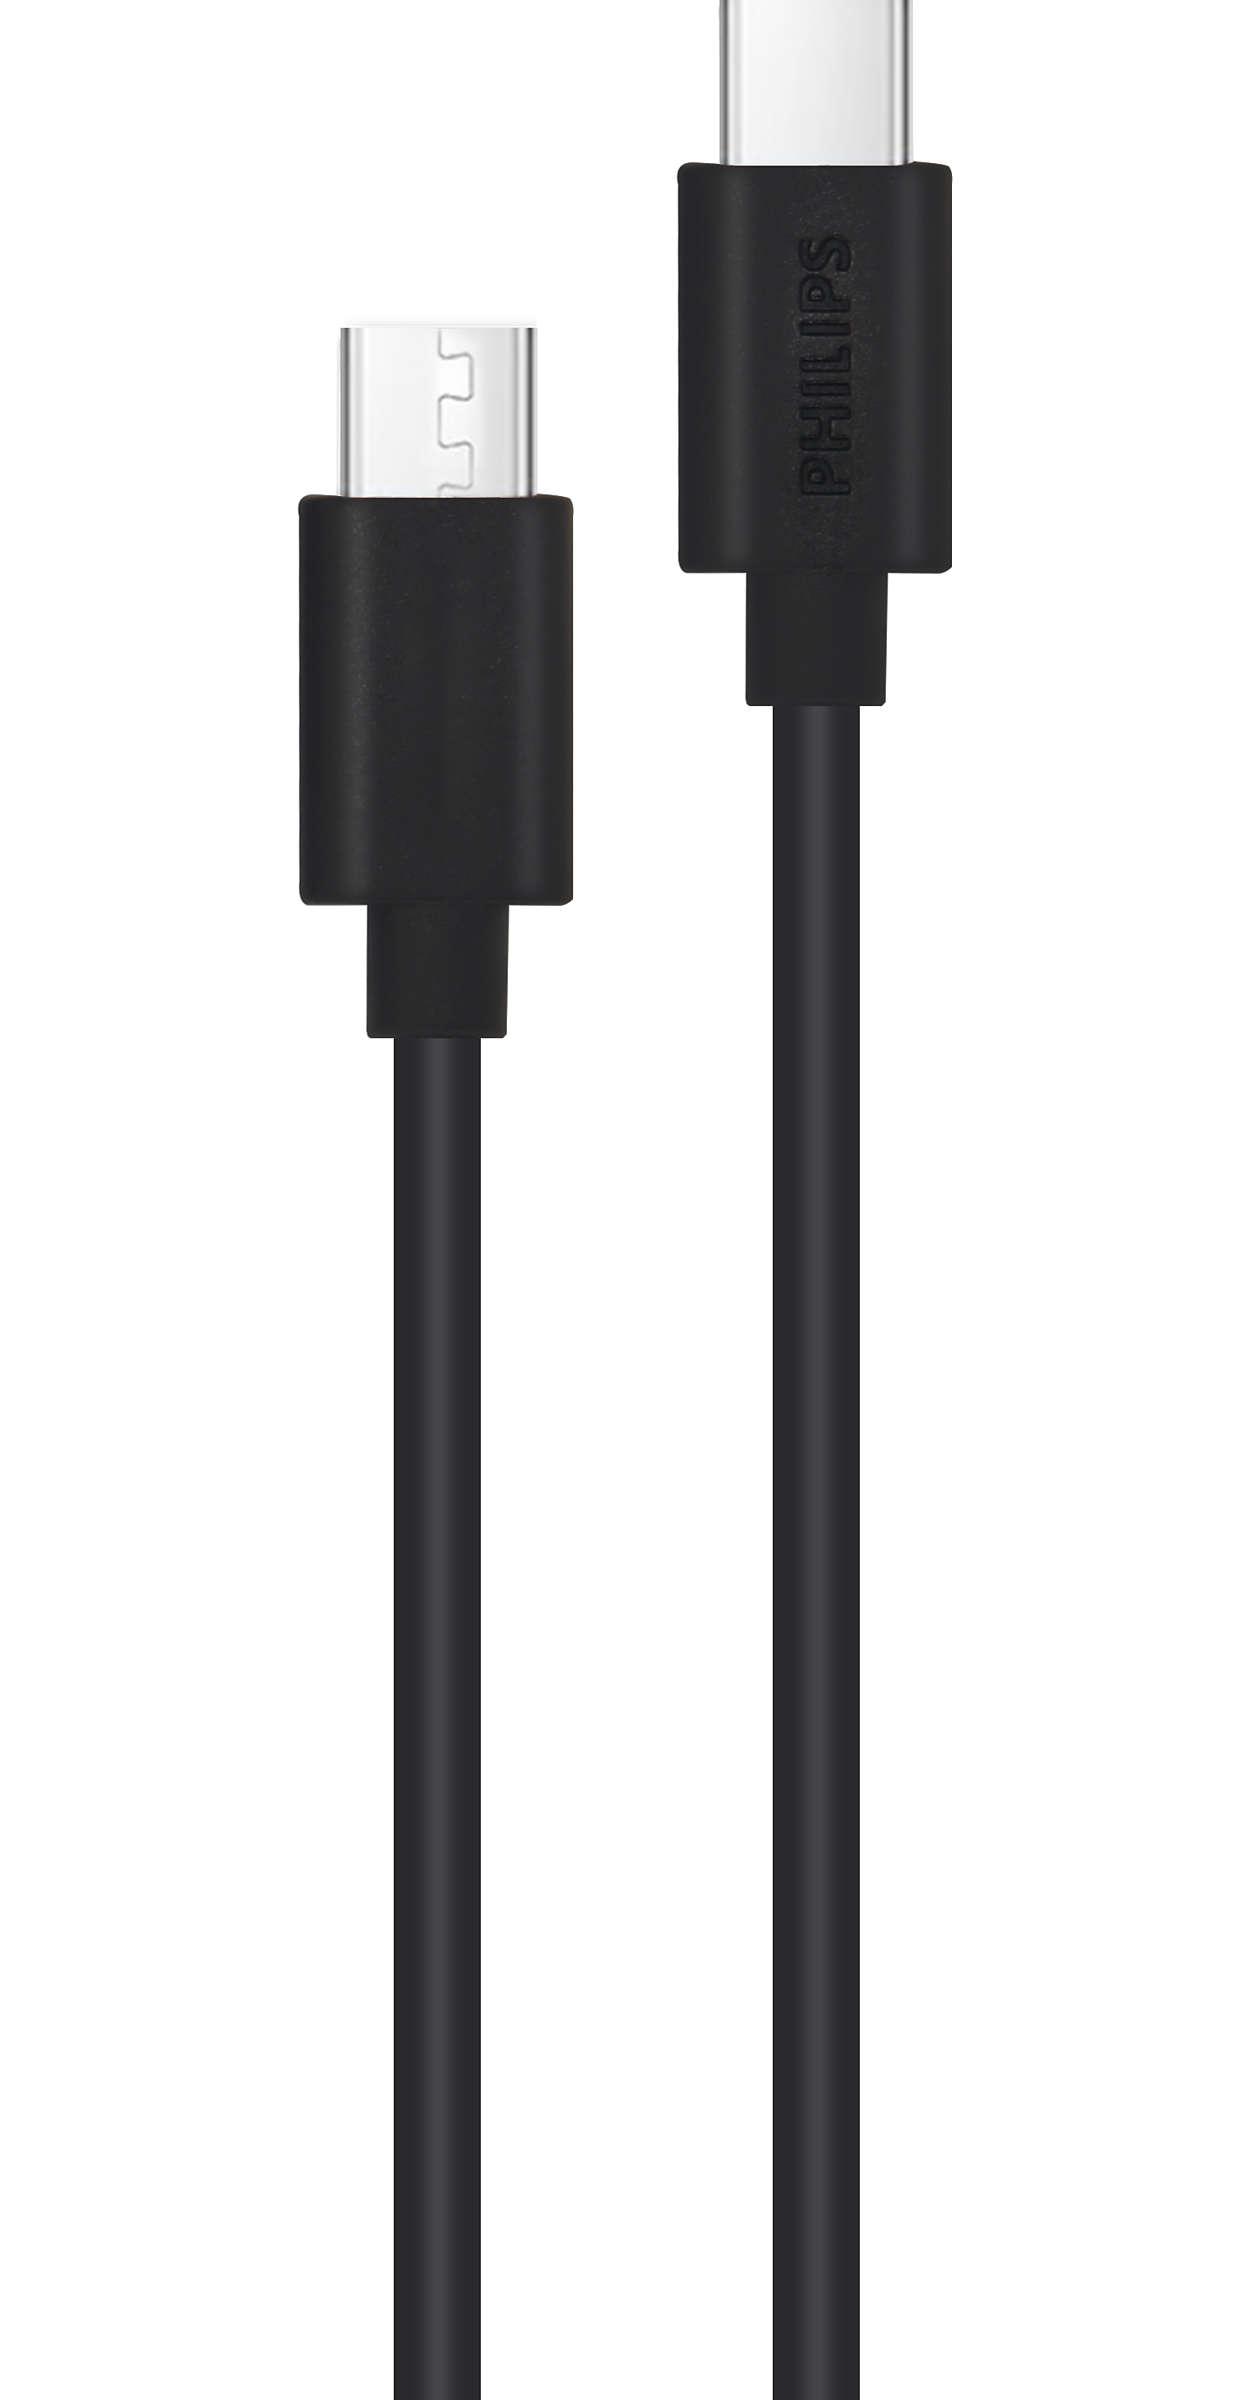 Καλώδιο USB-C 2 m σε USB-C